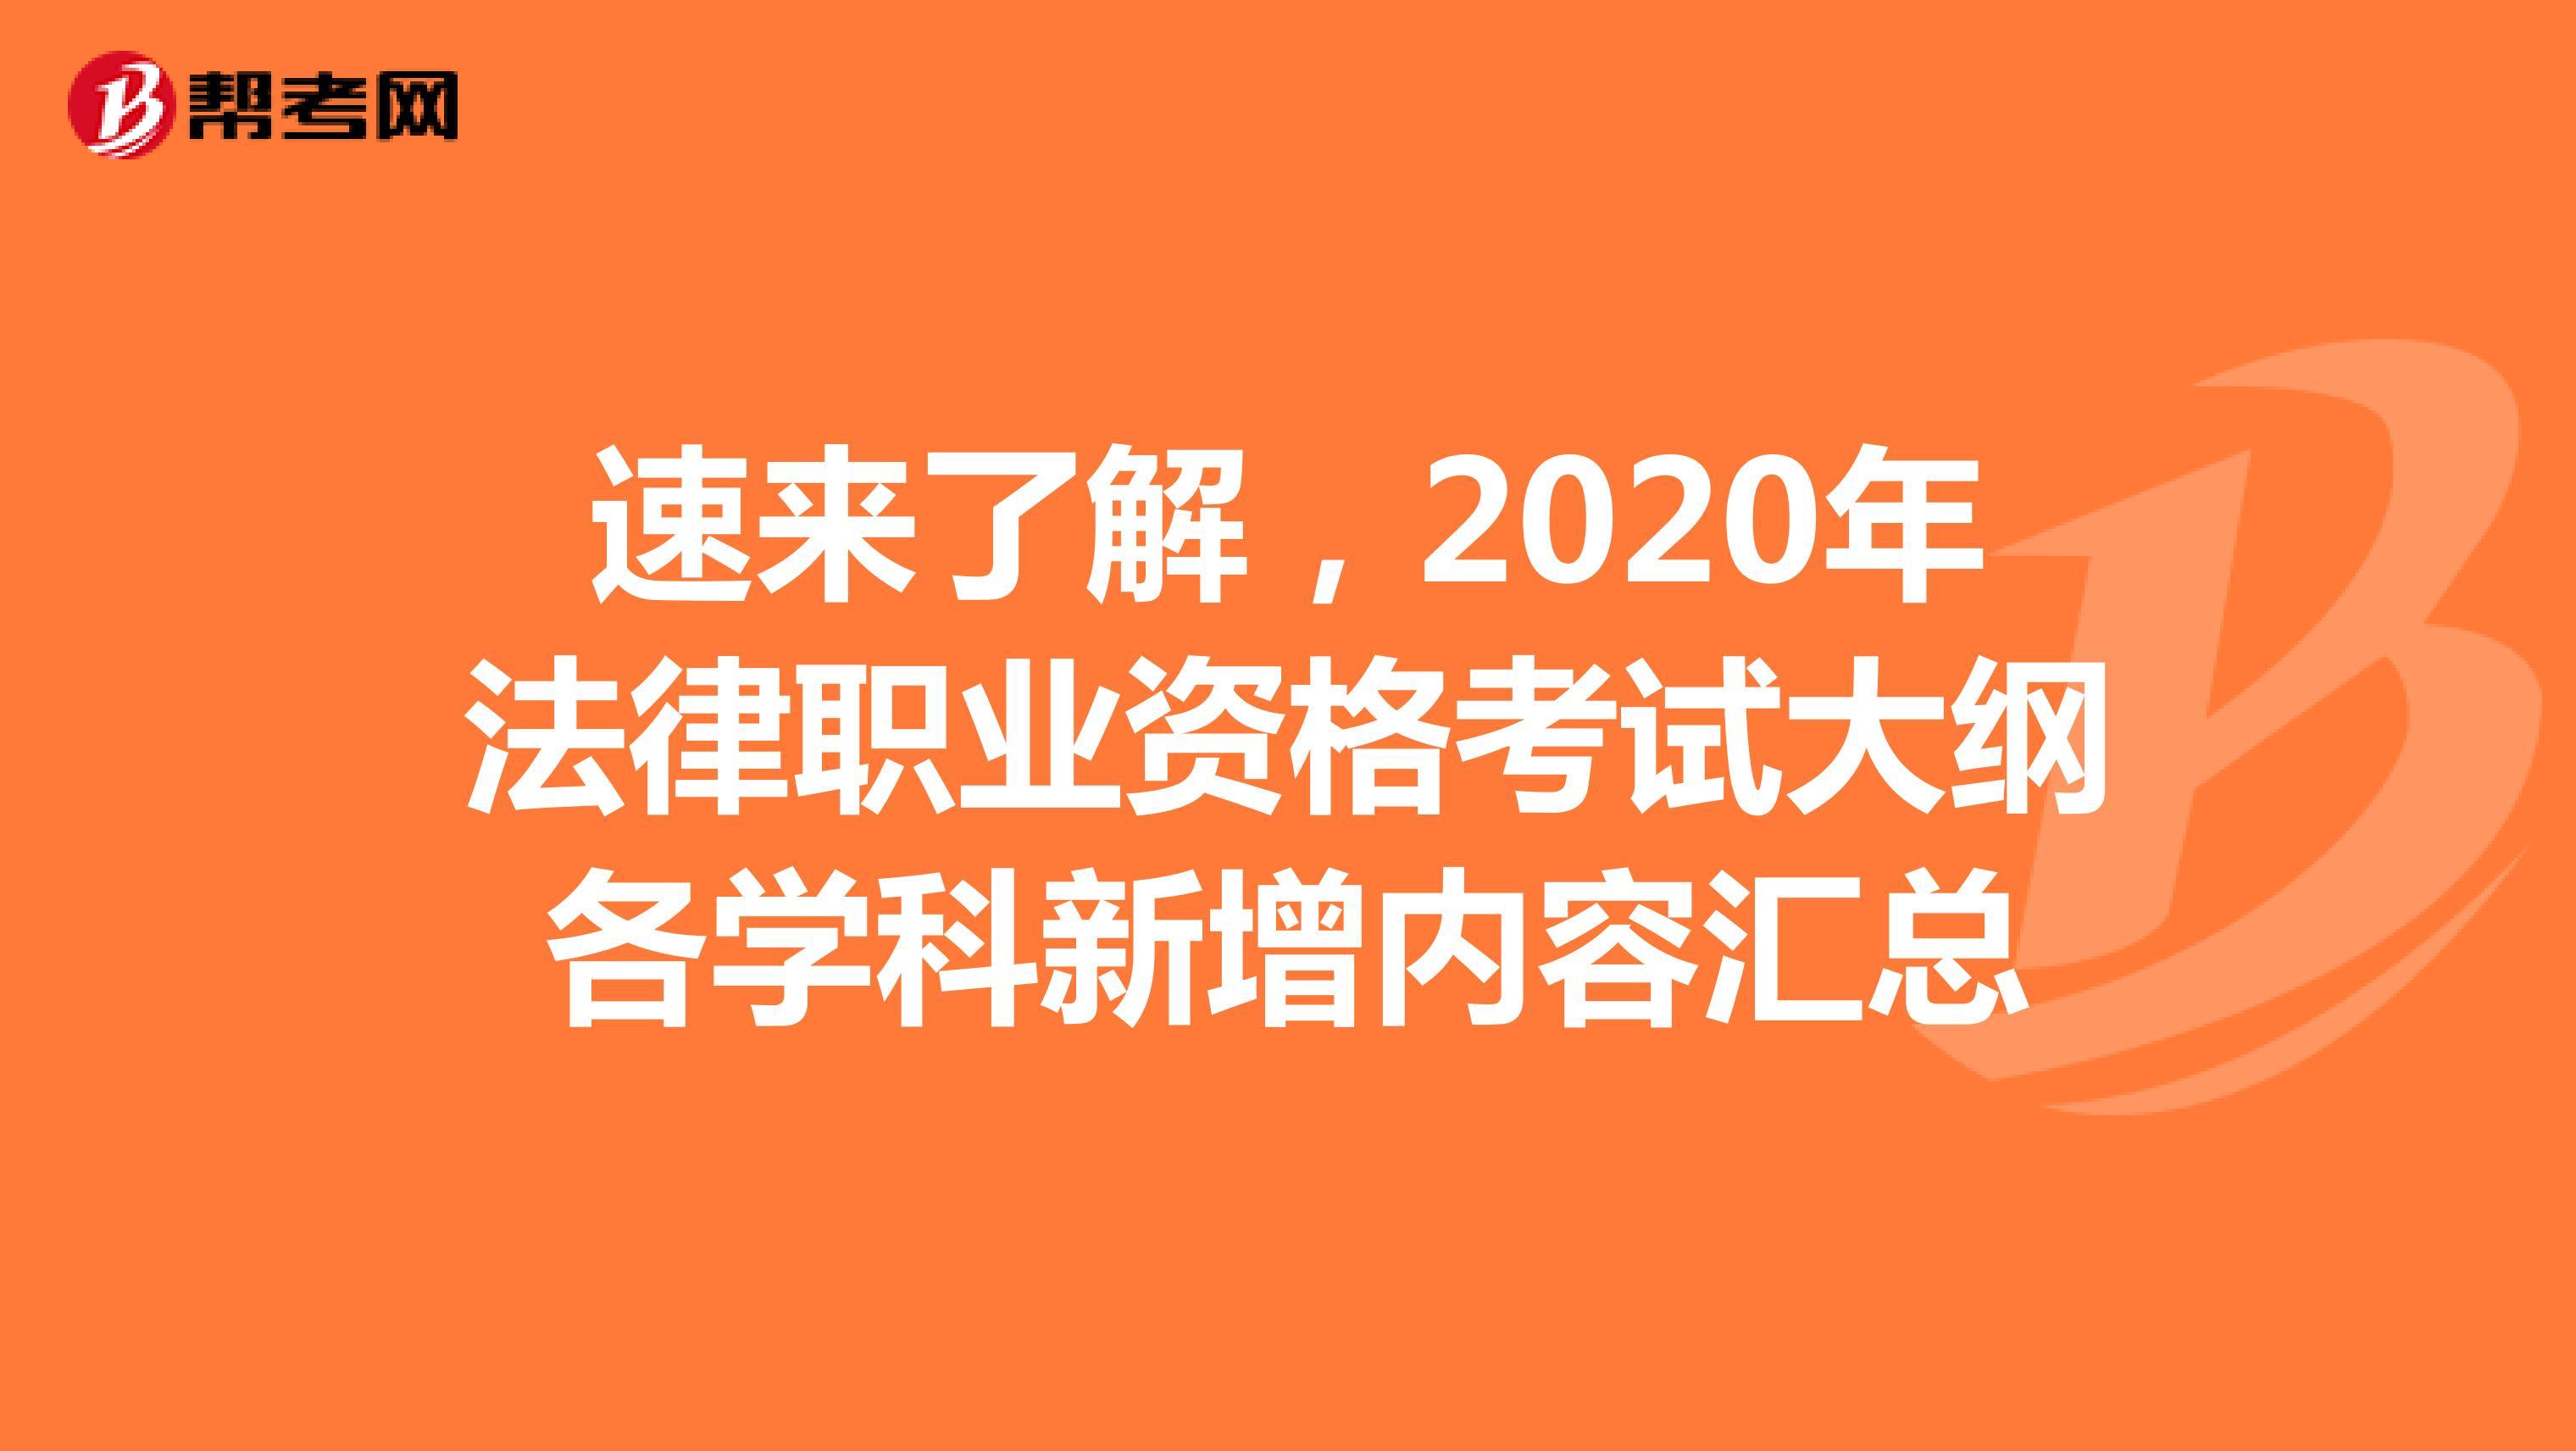 速來了解,2020年法律職業資格考試大綱各學科新增內容匯總